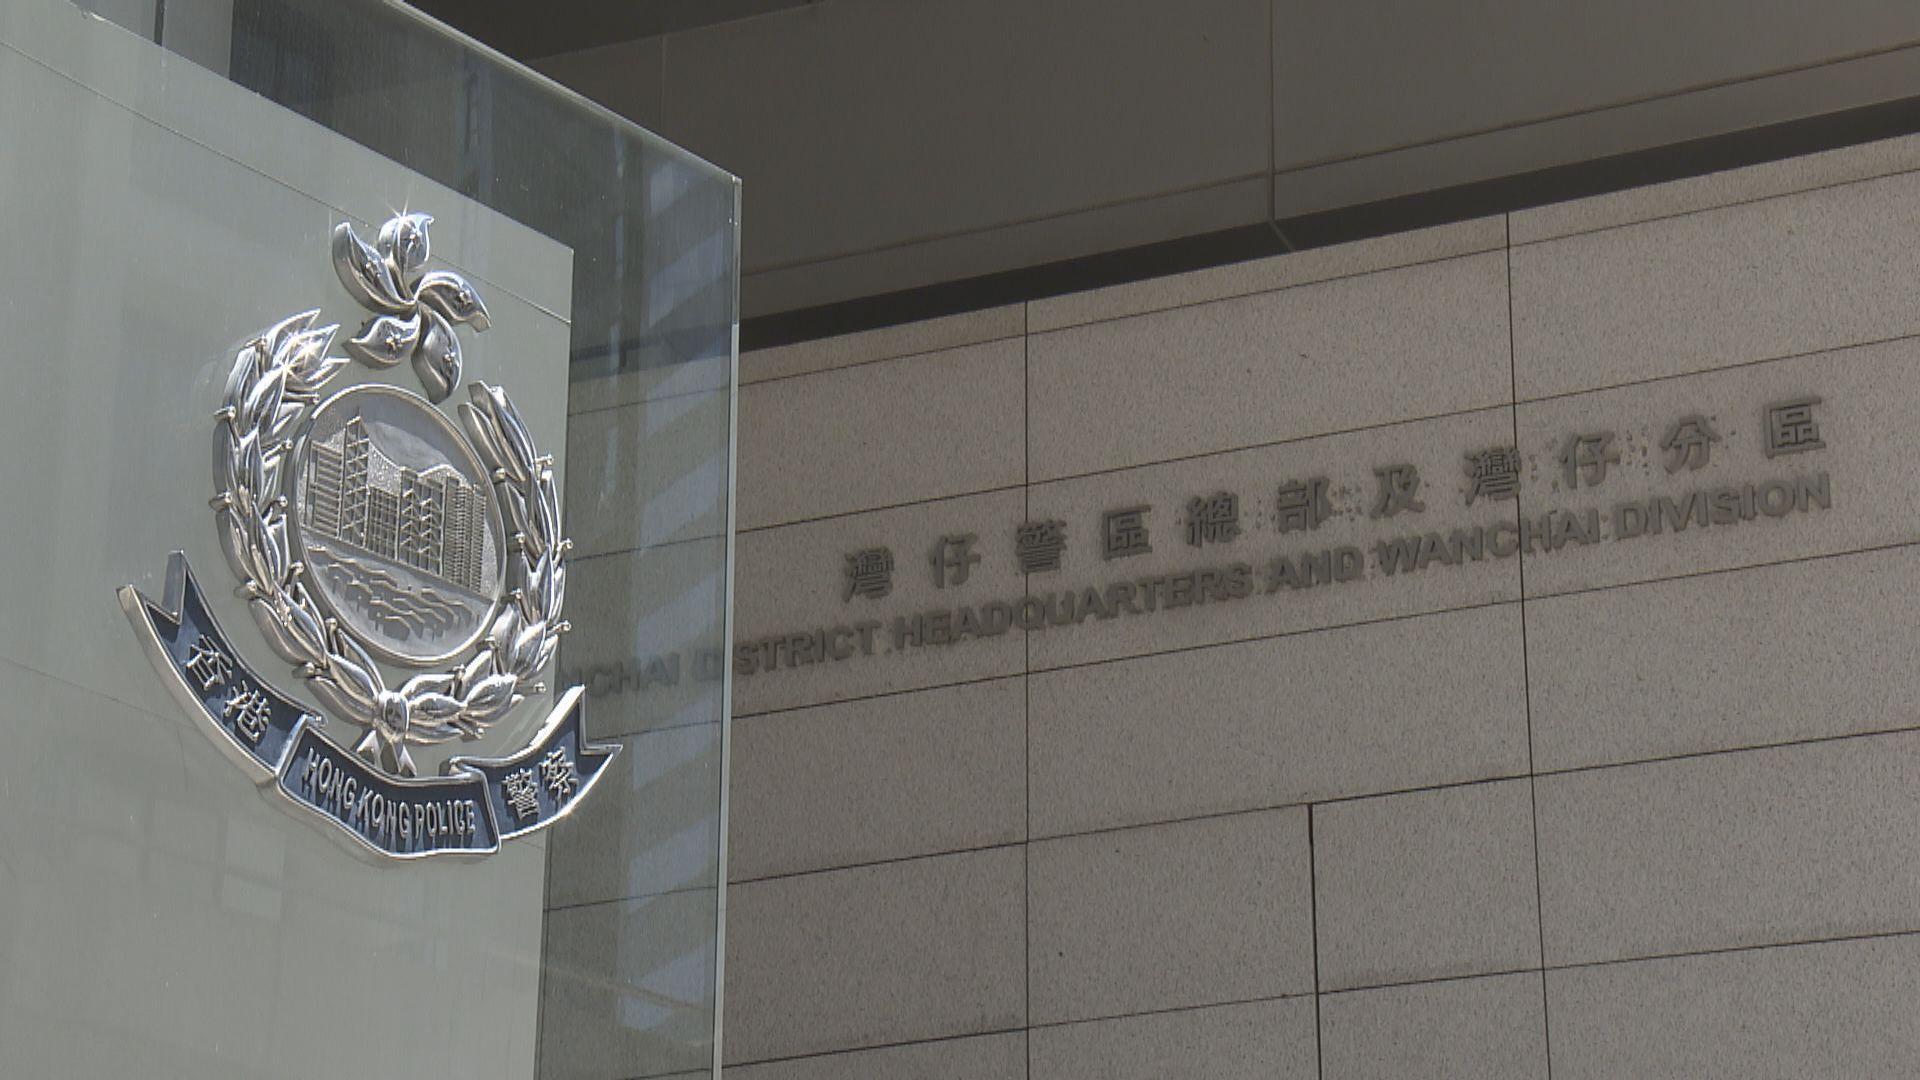 警員販毒案再多兩名休班警被捕 涉行為失當